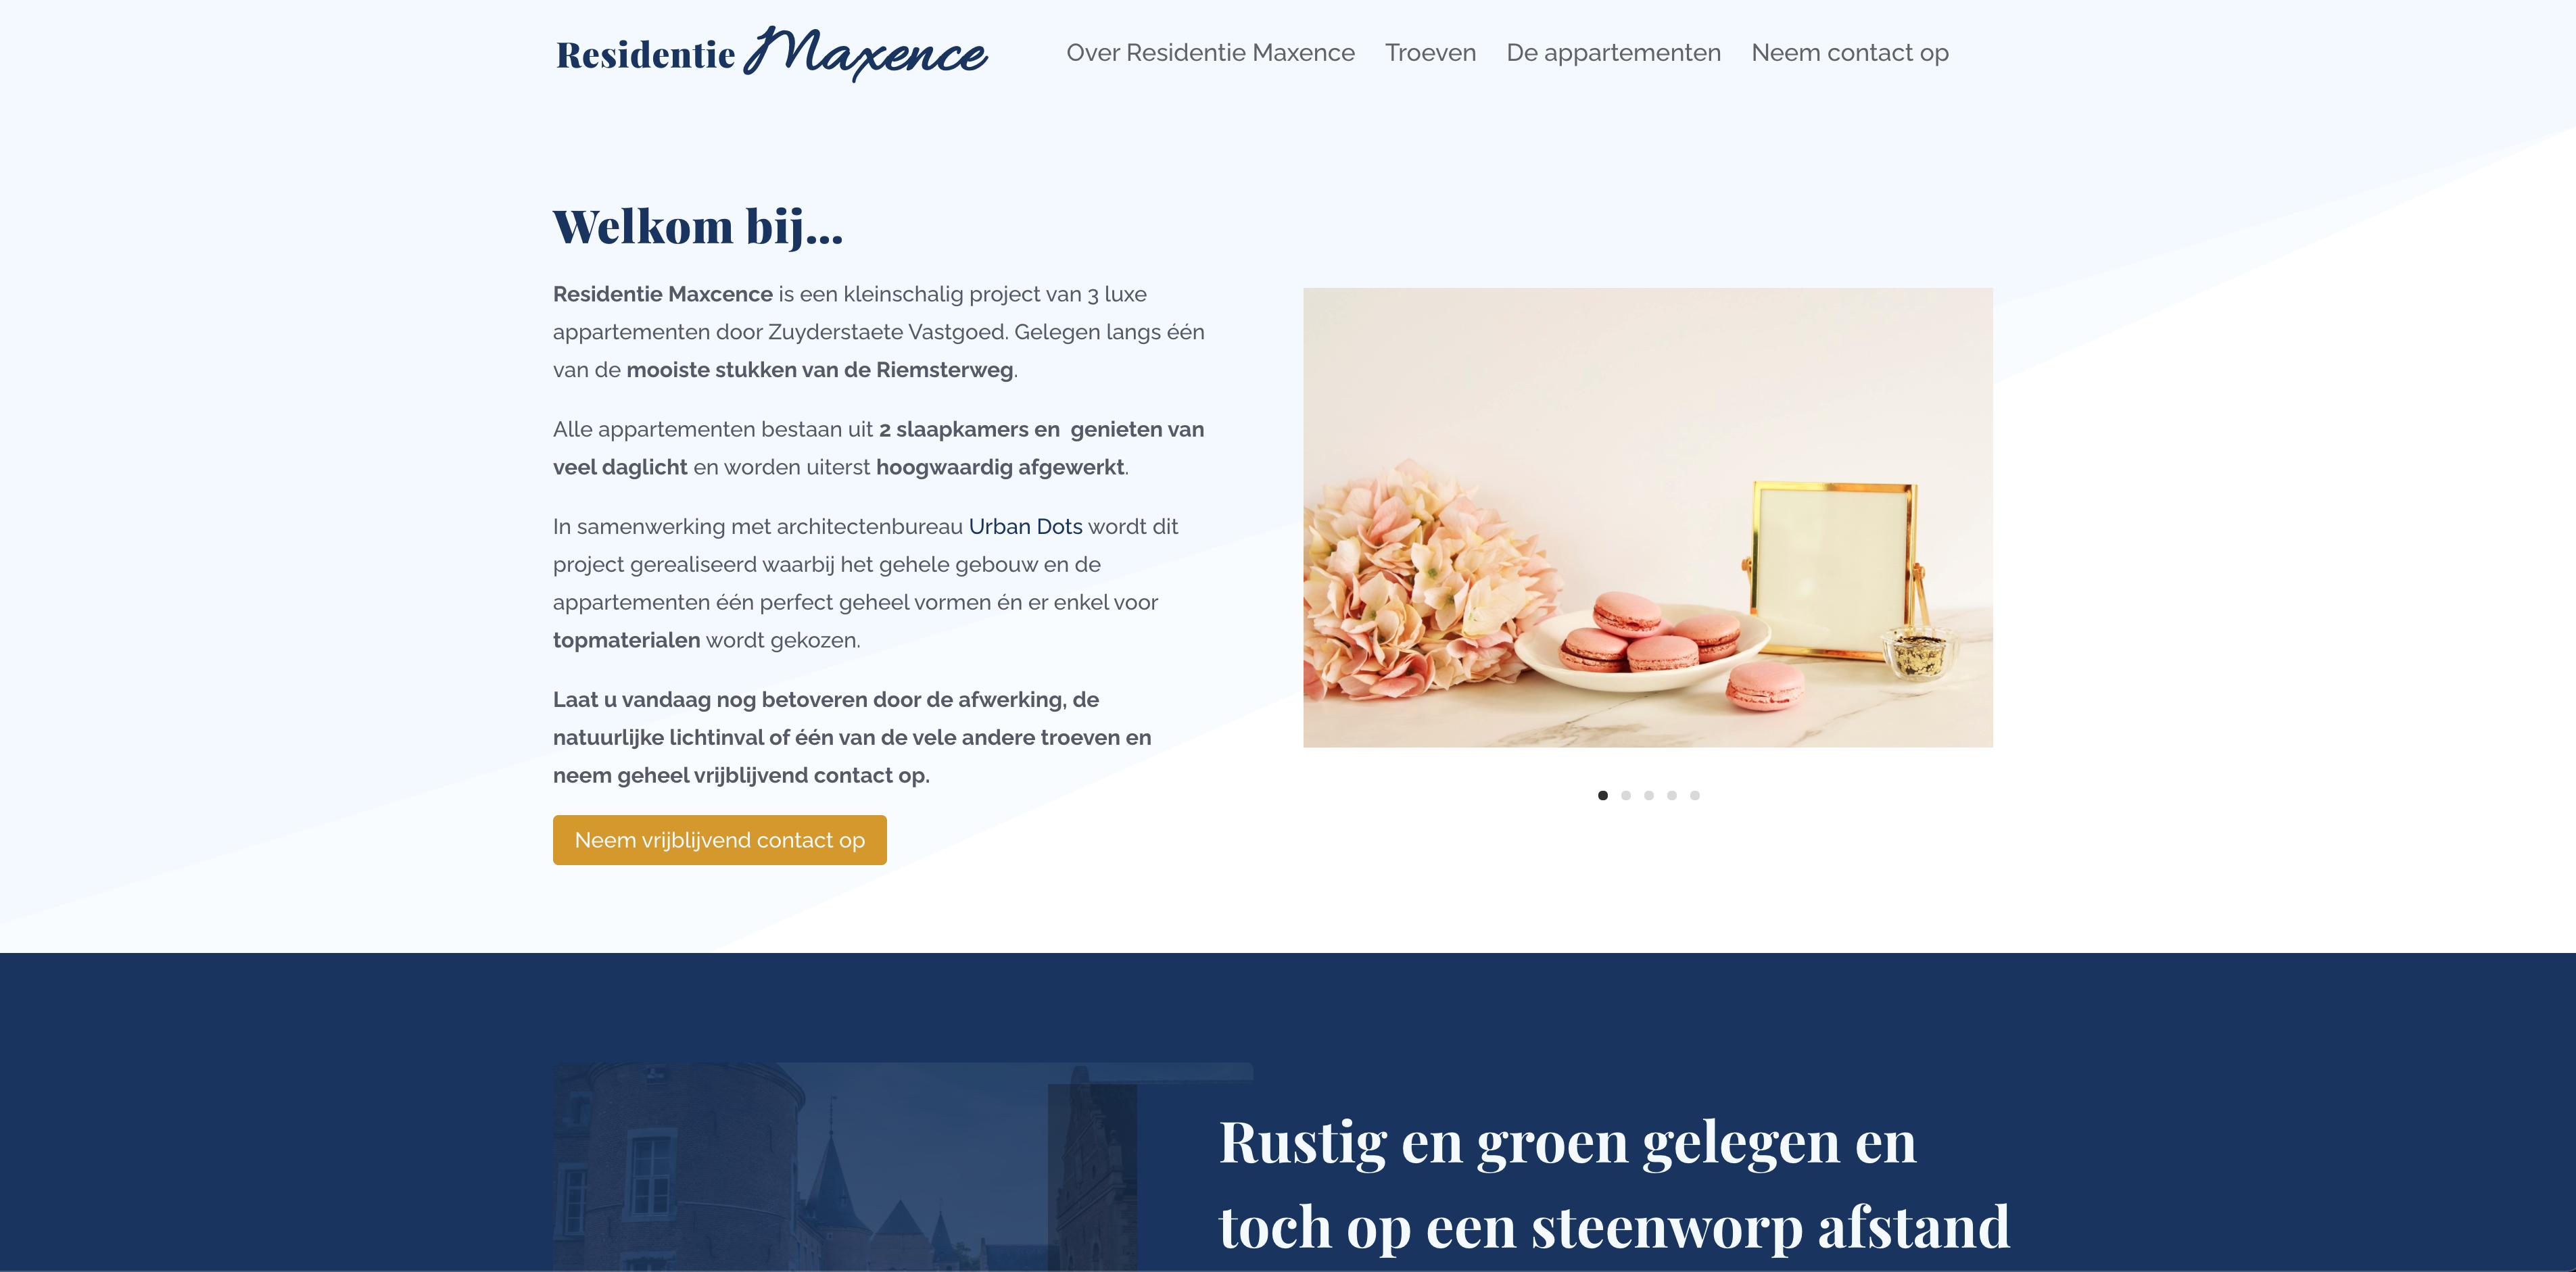 Residentie Maxence - Website Creatie